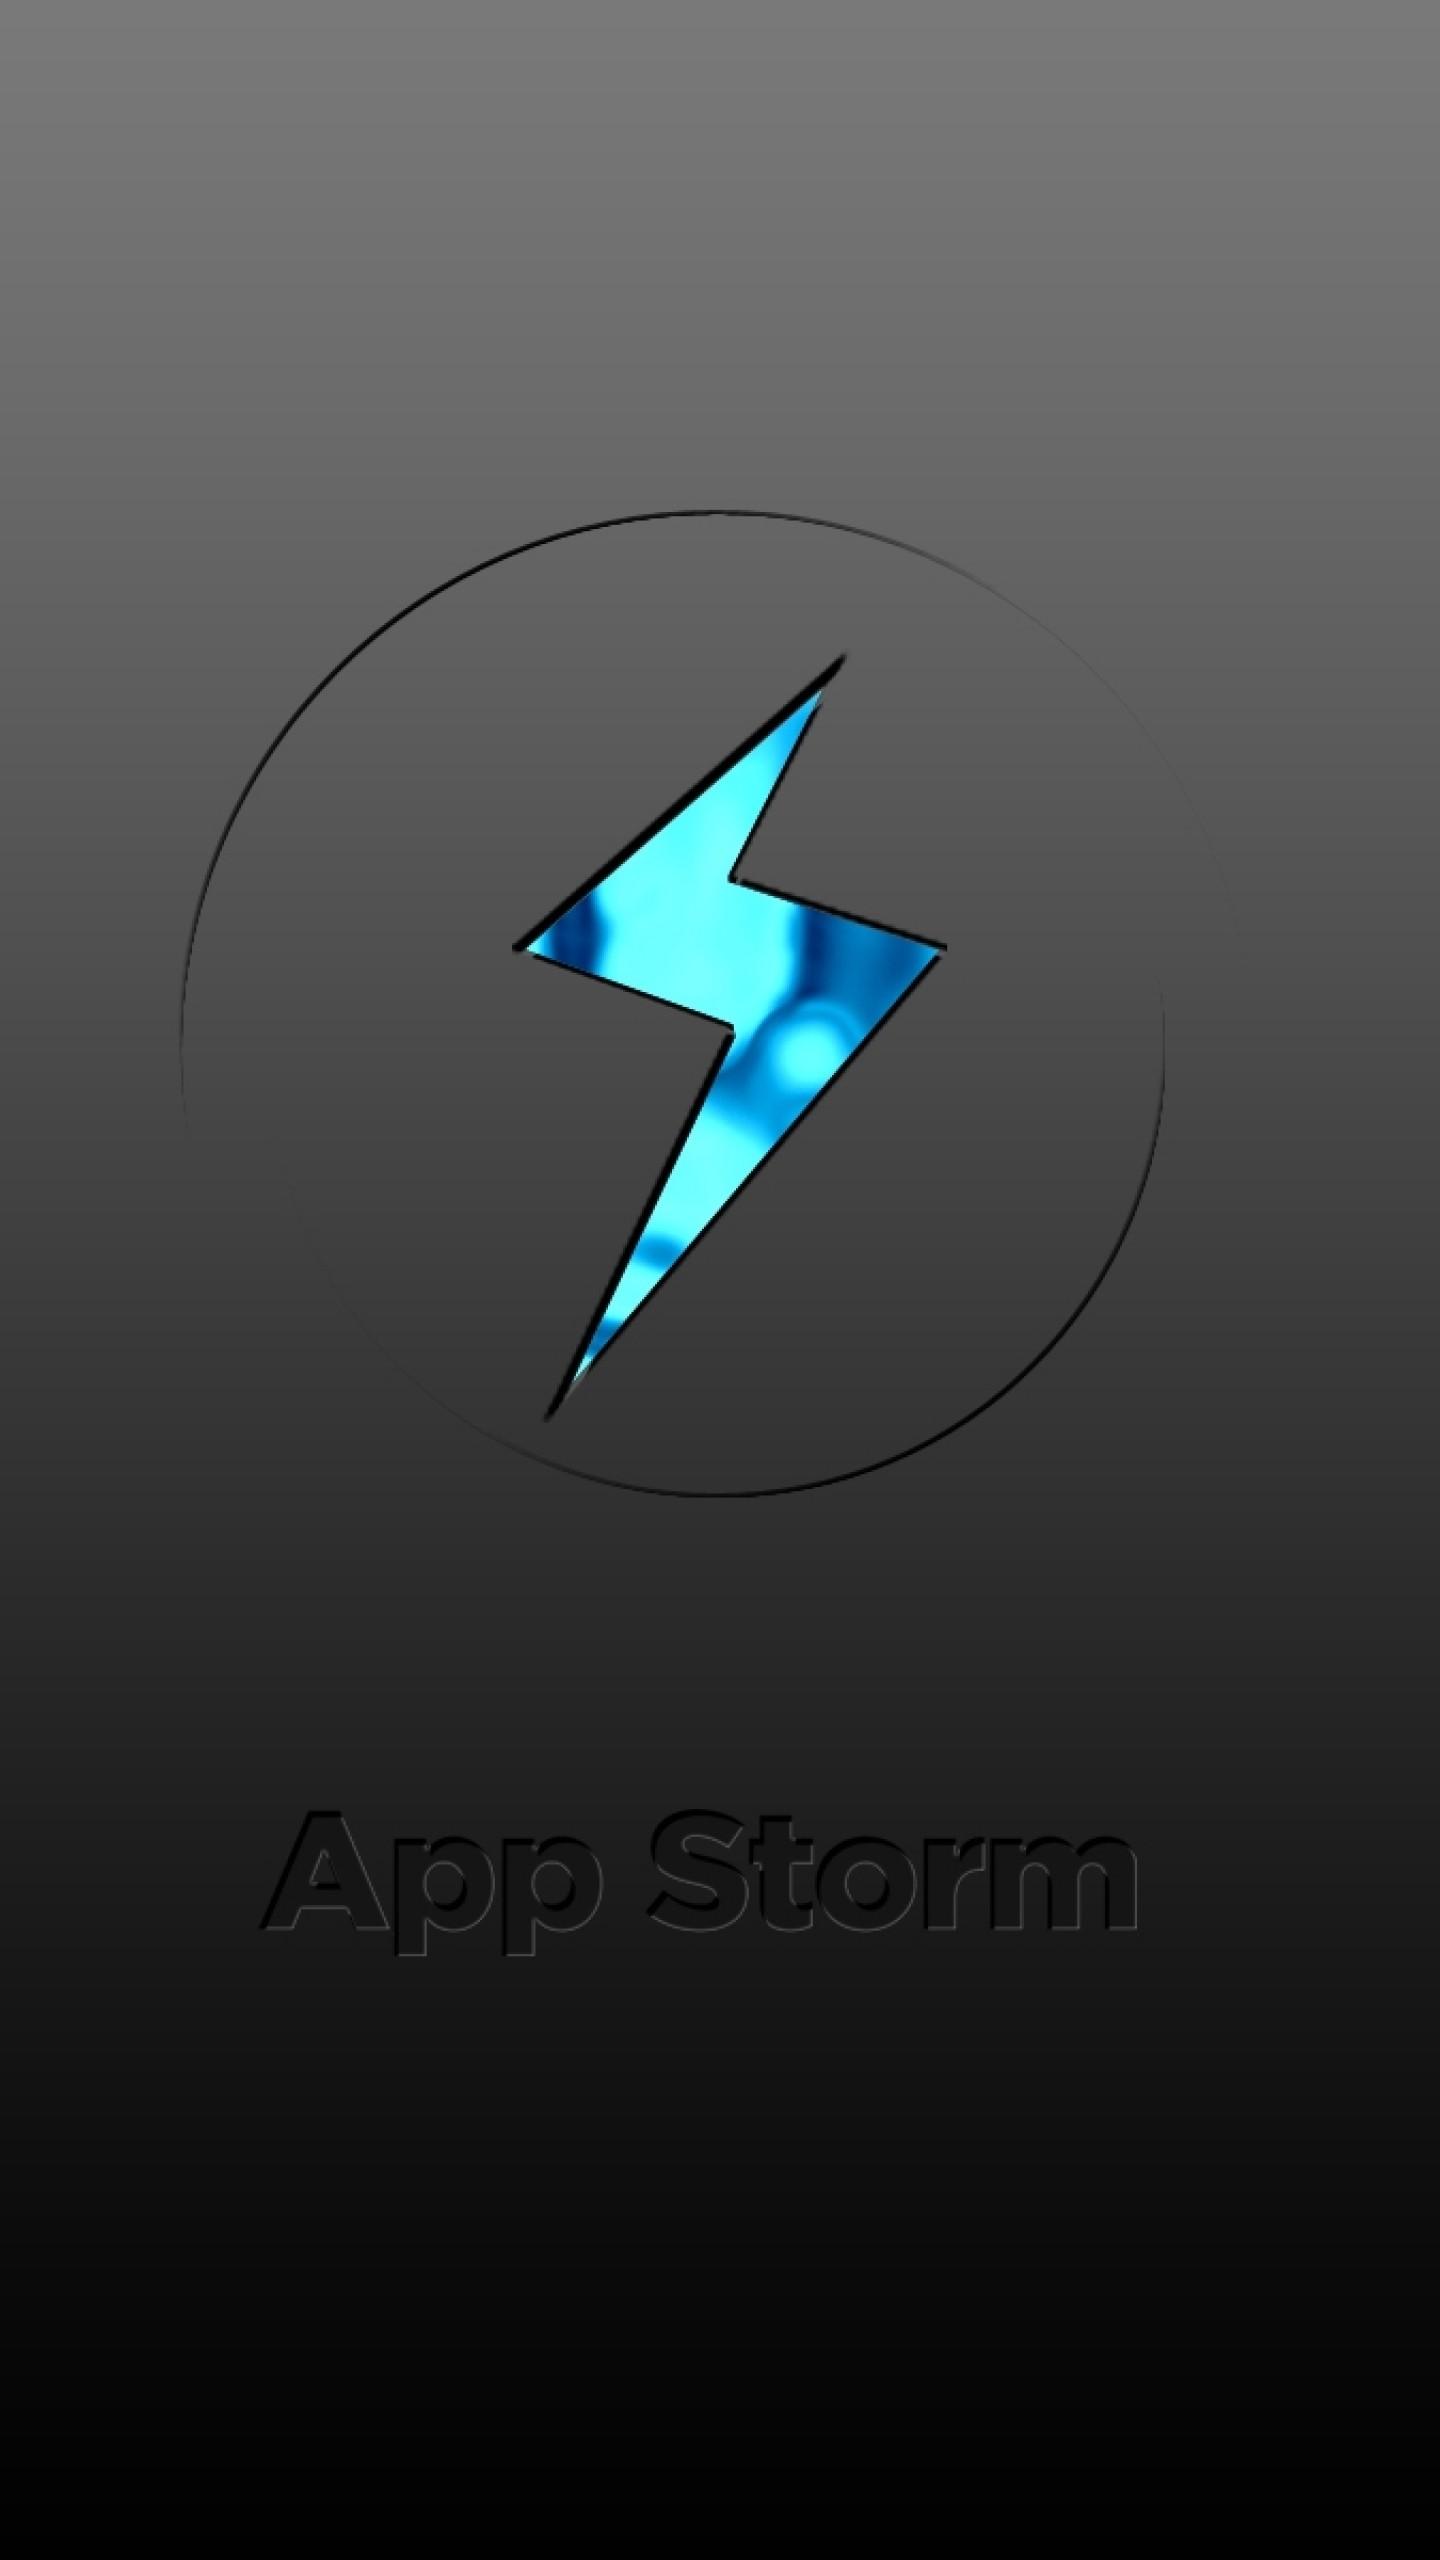 Wallpaper app storm, apple, mac, grey, sign, blue